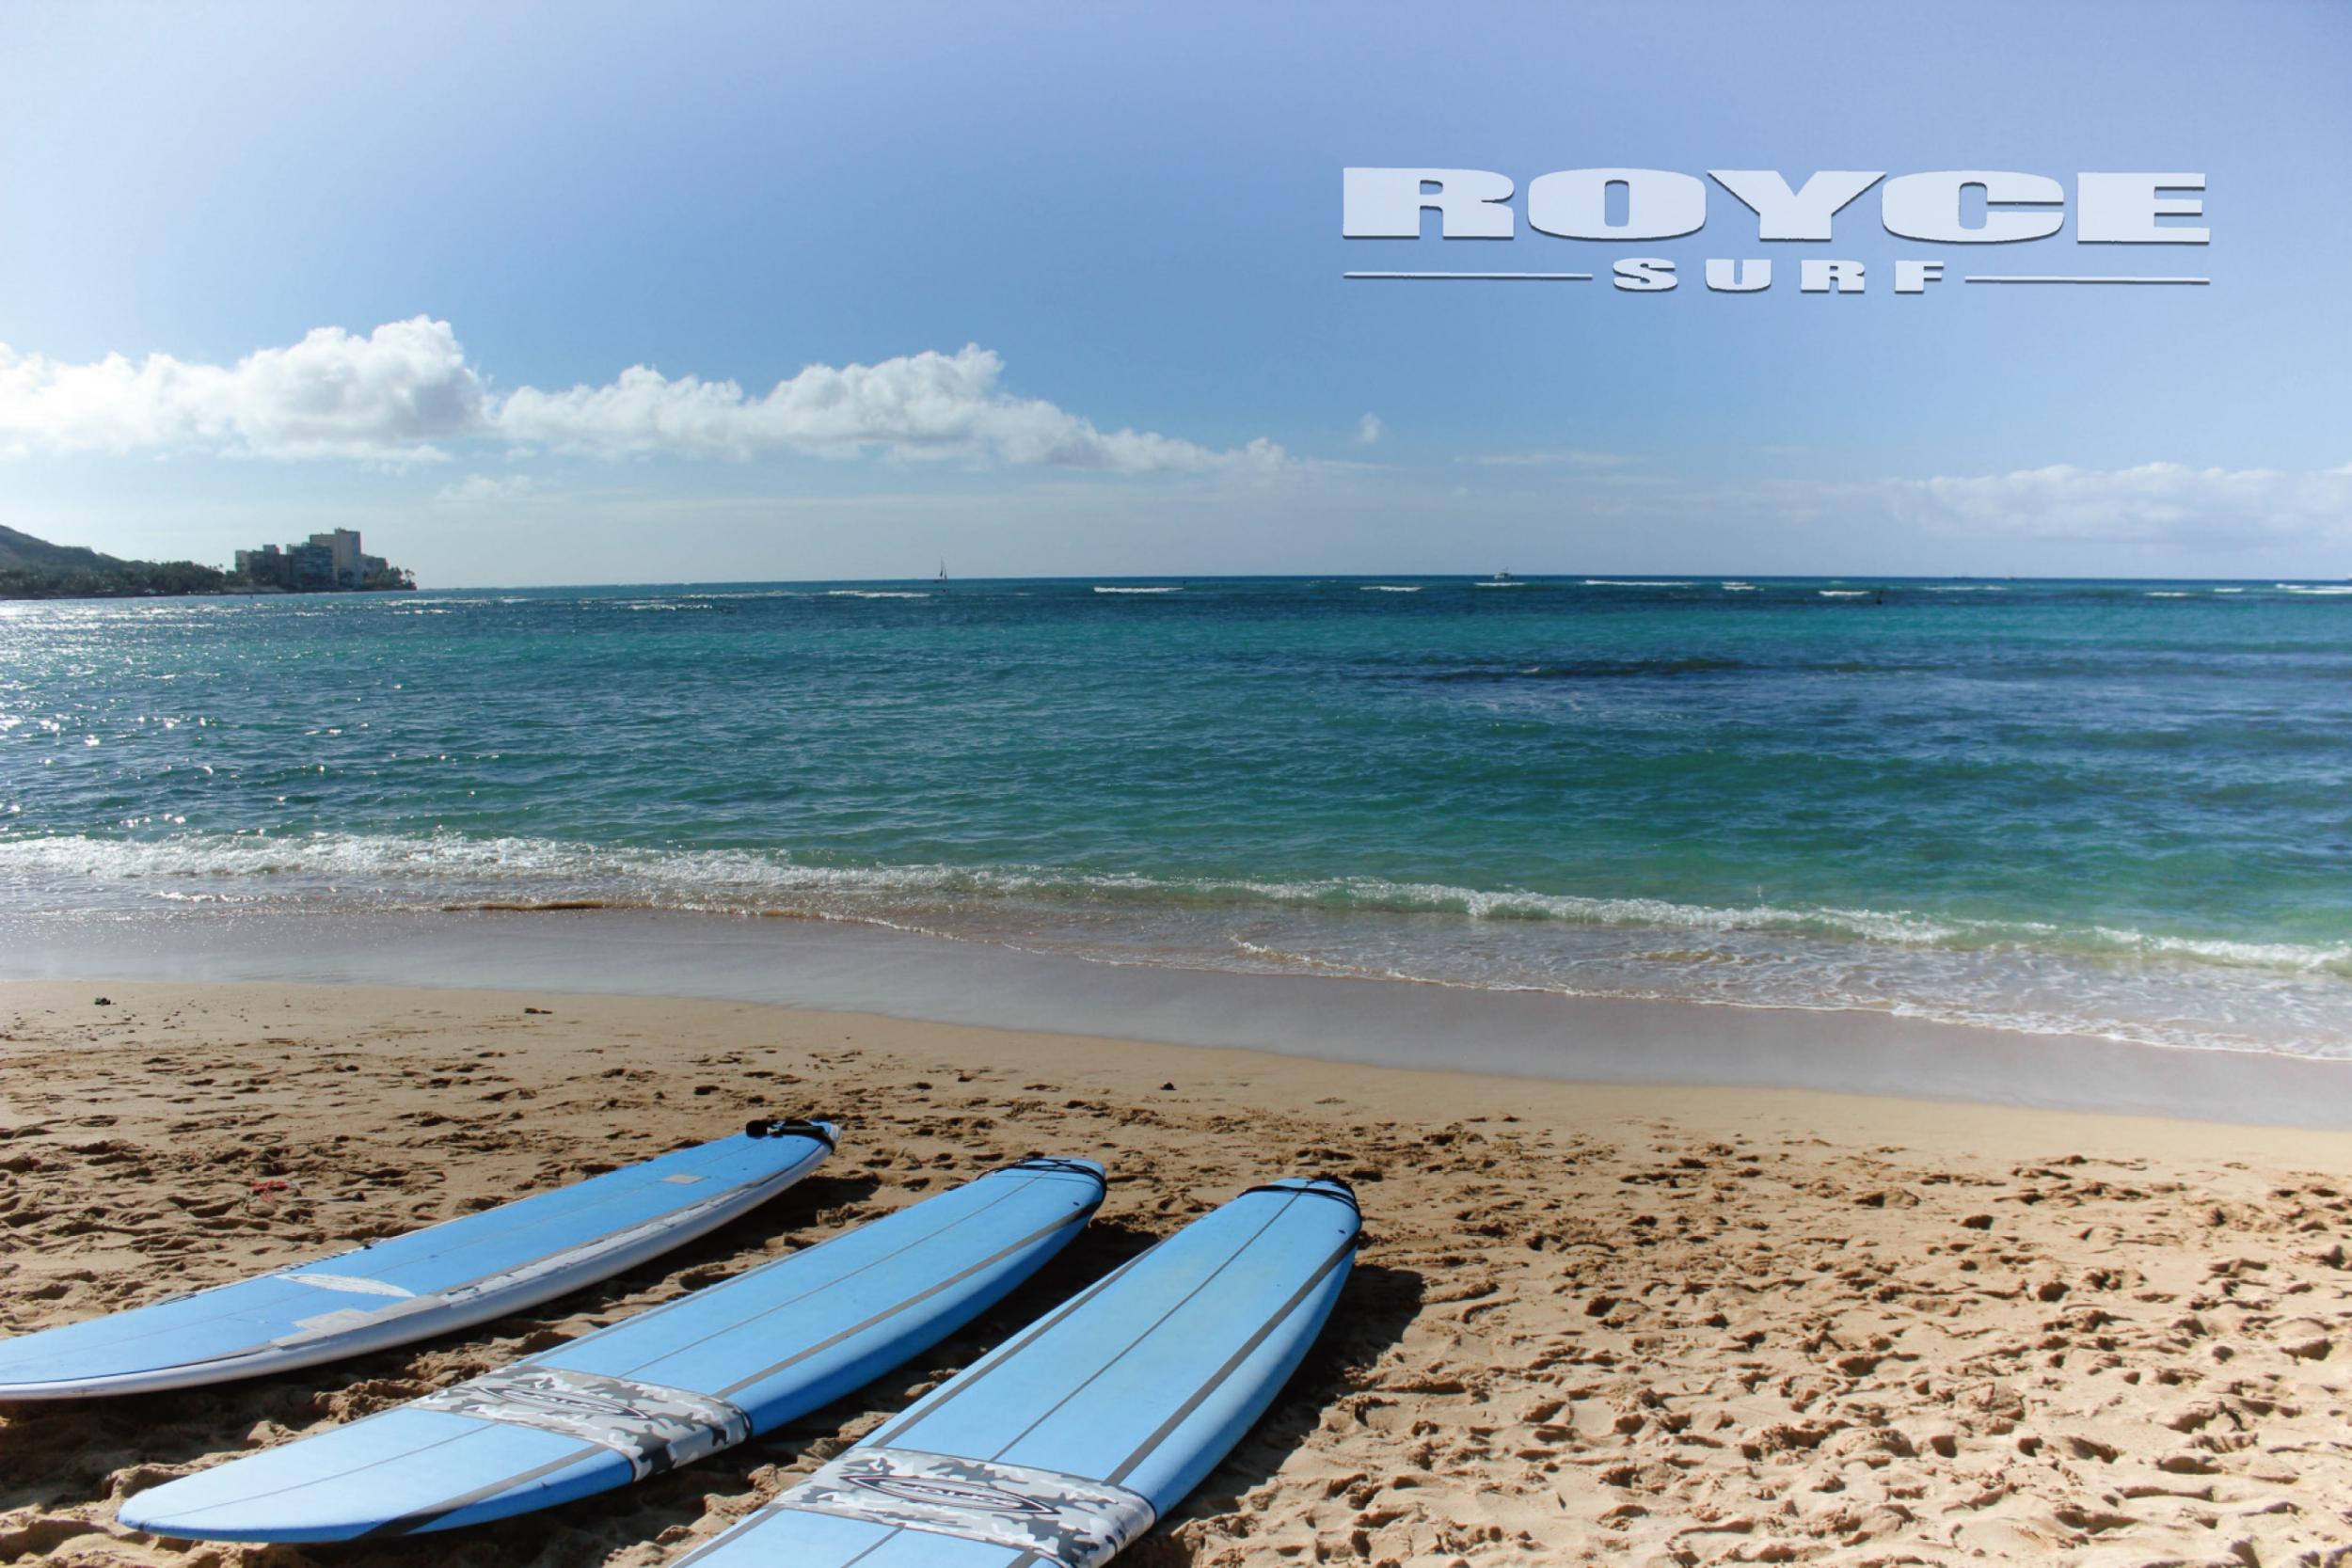 埼玉 サーフショップ Royce Surf